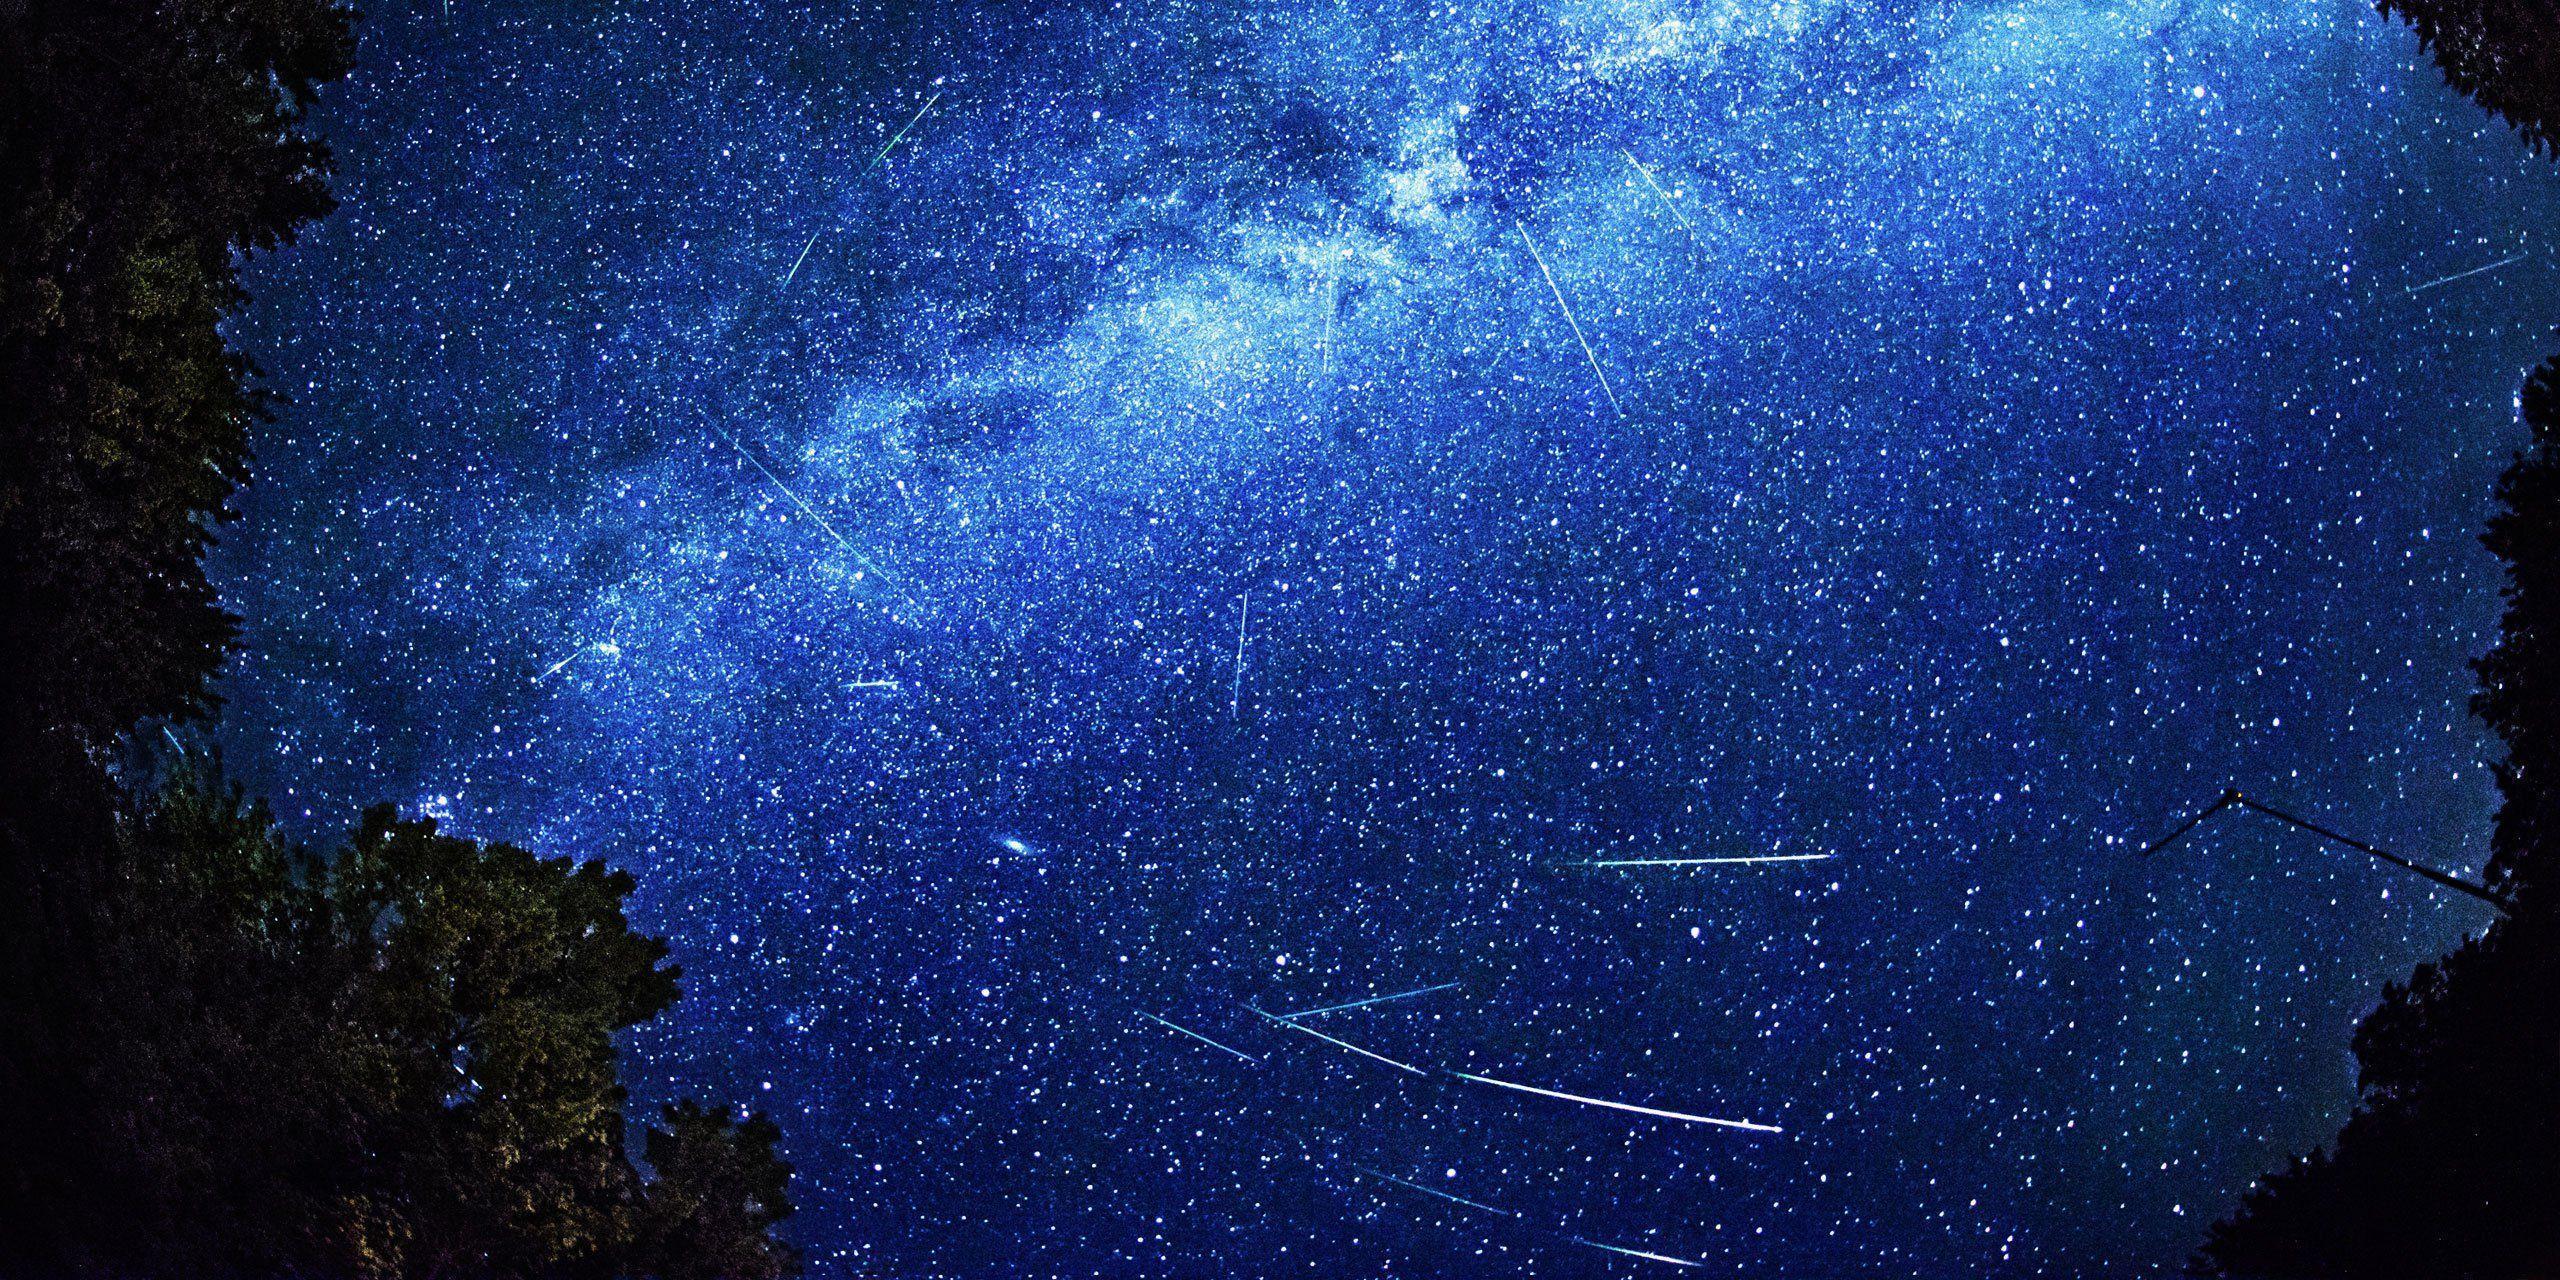 Perseid Meteor Shower Hd - wallpaper.